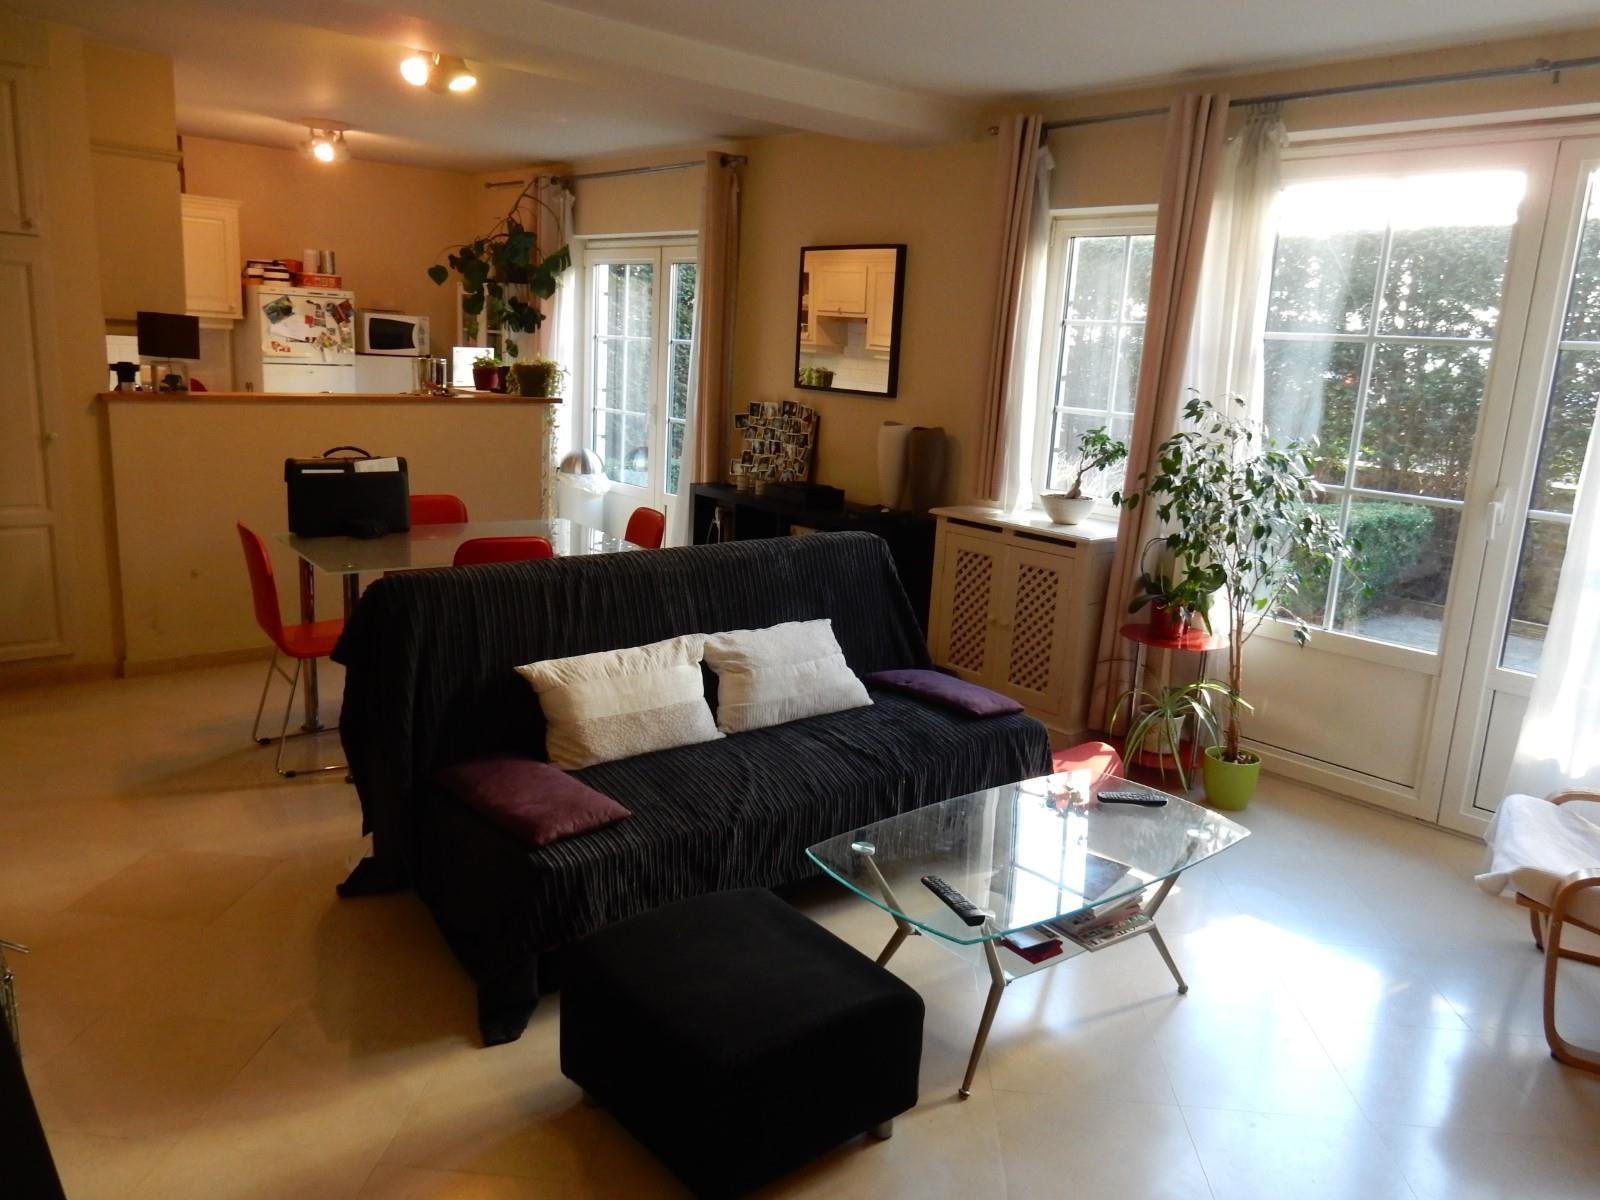 Gelijkvloerse verdieping - Woluwe-Saint-Pierre - #2905684-1